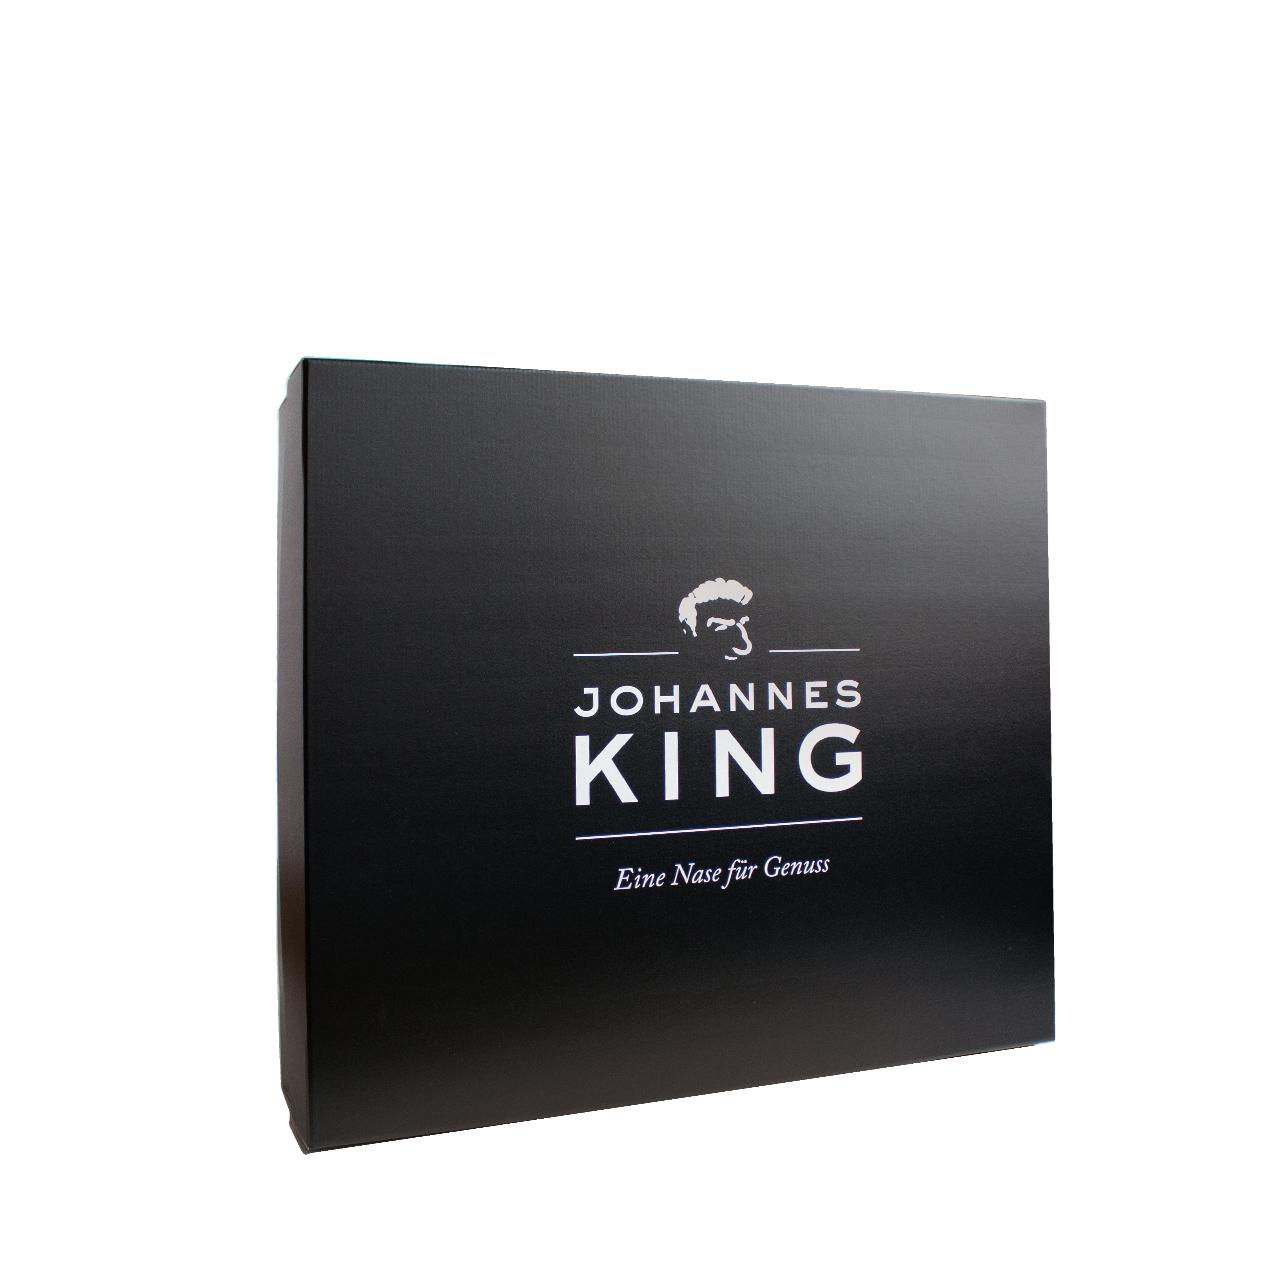 Große Luxus Gourmet-Box